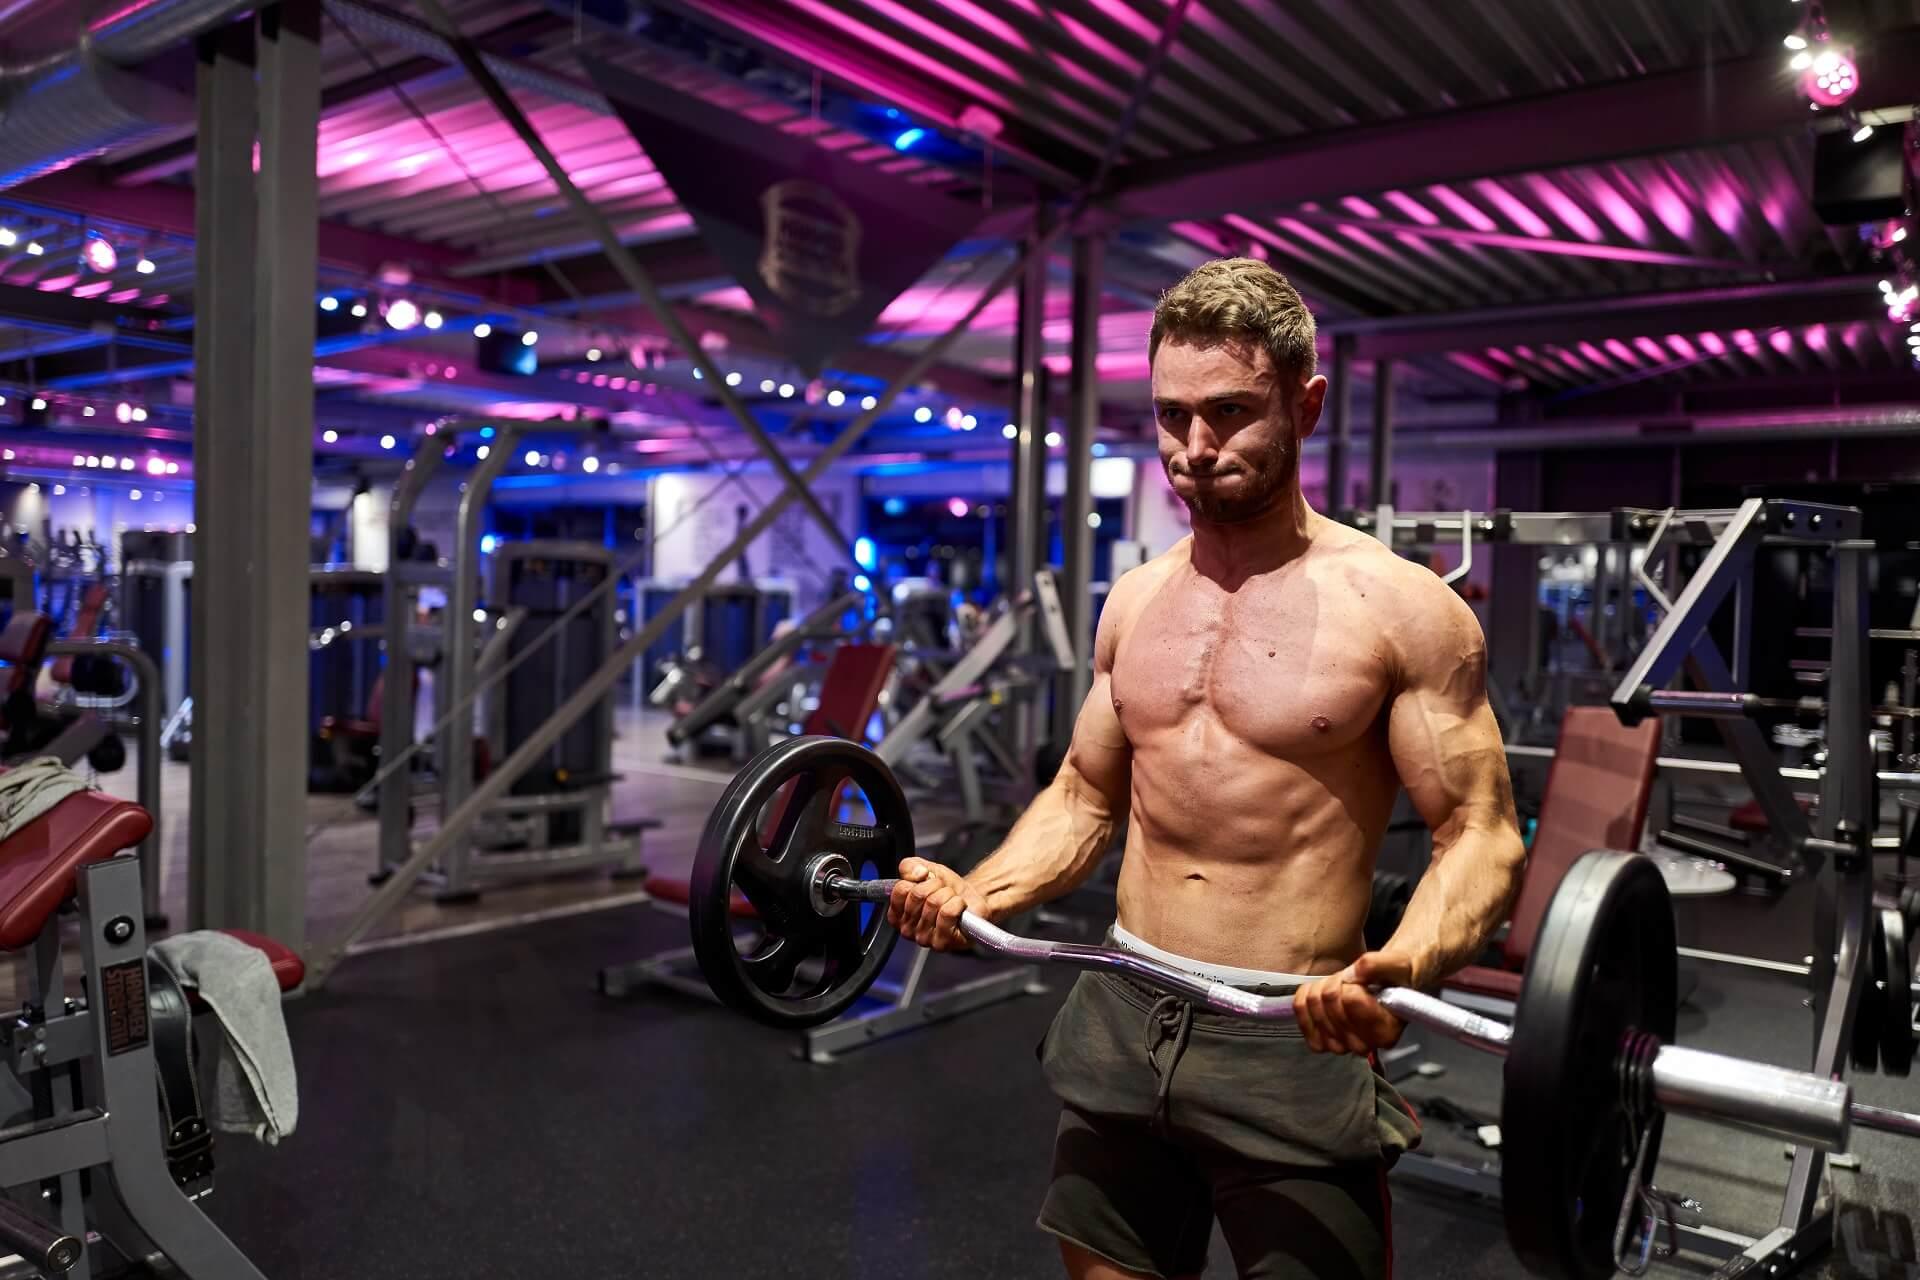 red-rab-fitnessstudio-bizepscurls-bodybuilding-patrick-duffner